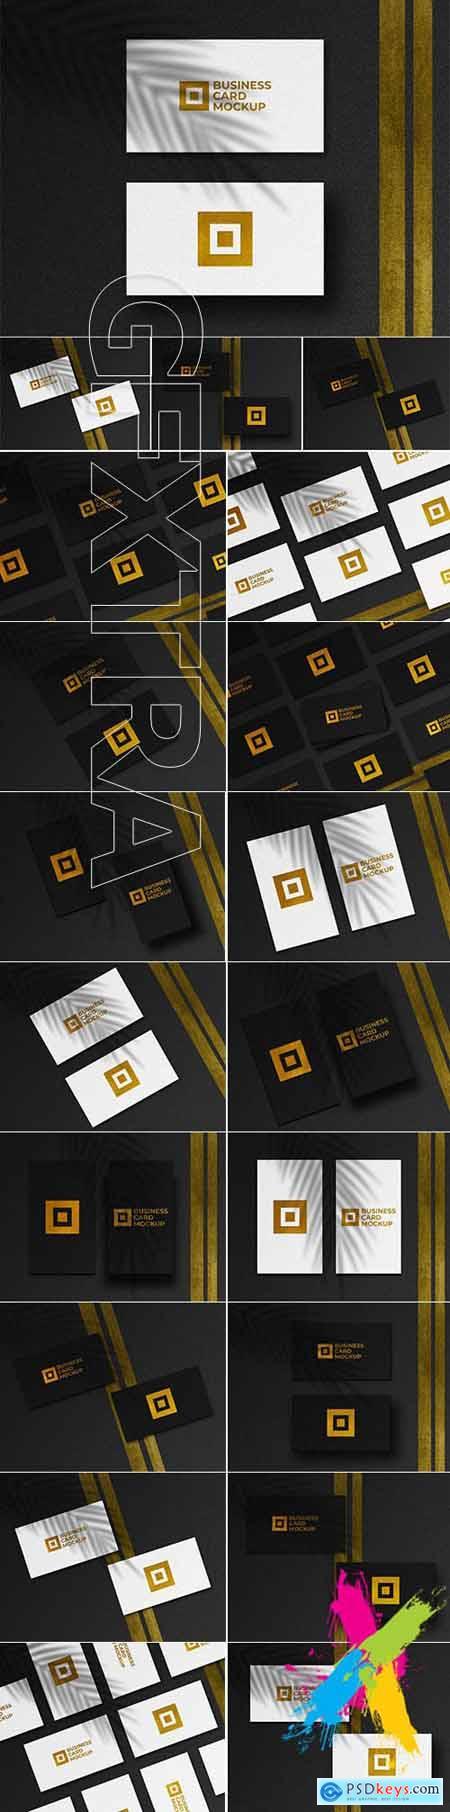 Modern golden business cards mockup